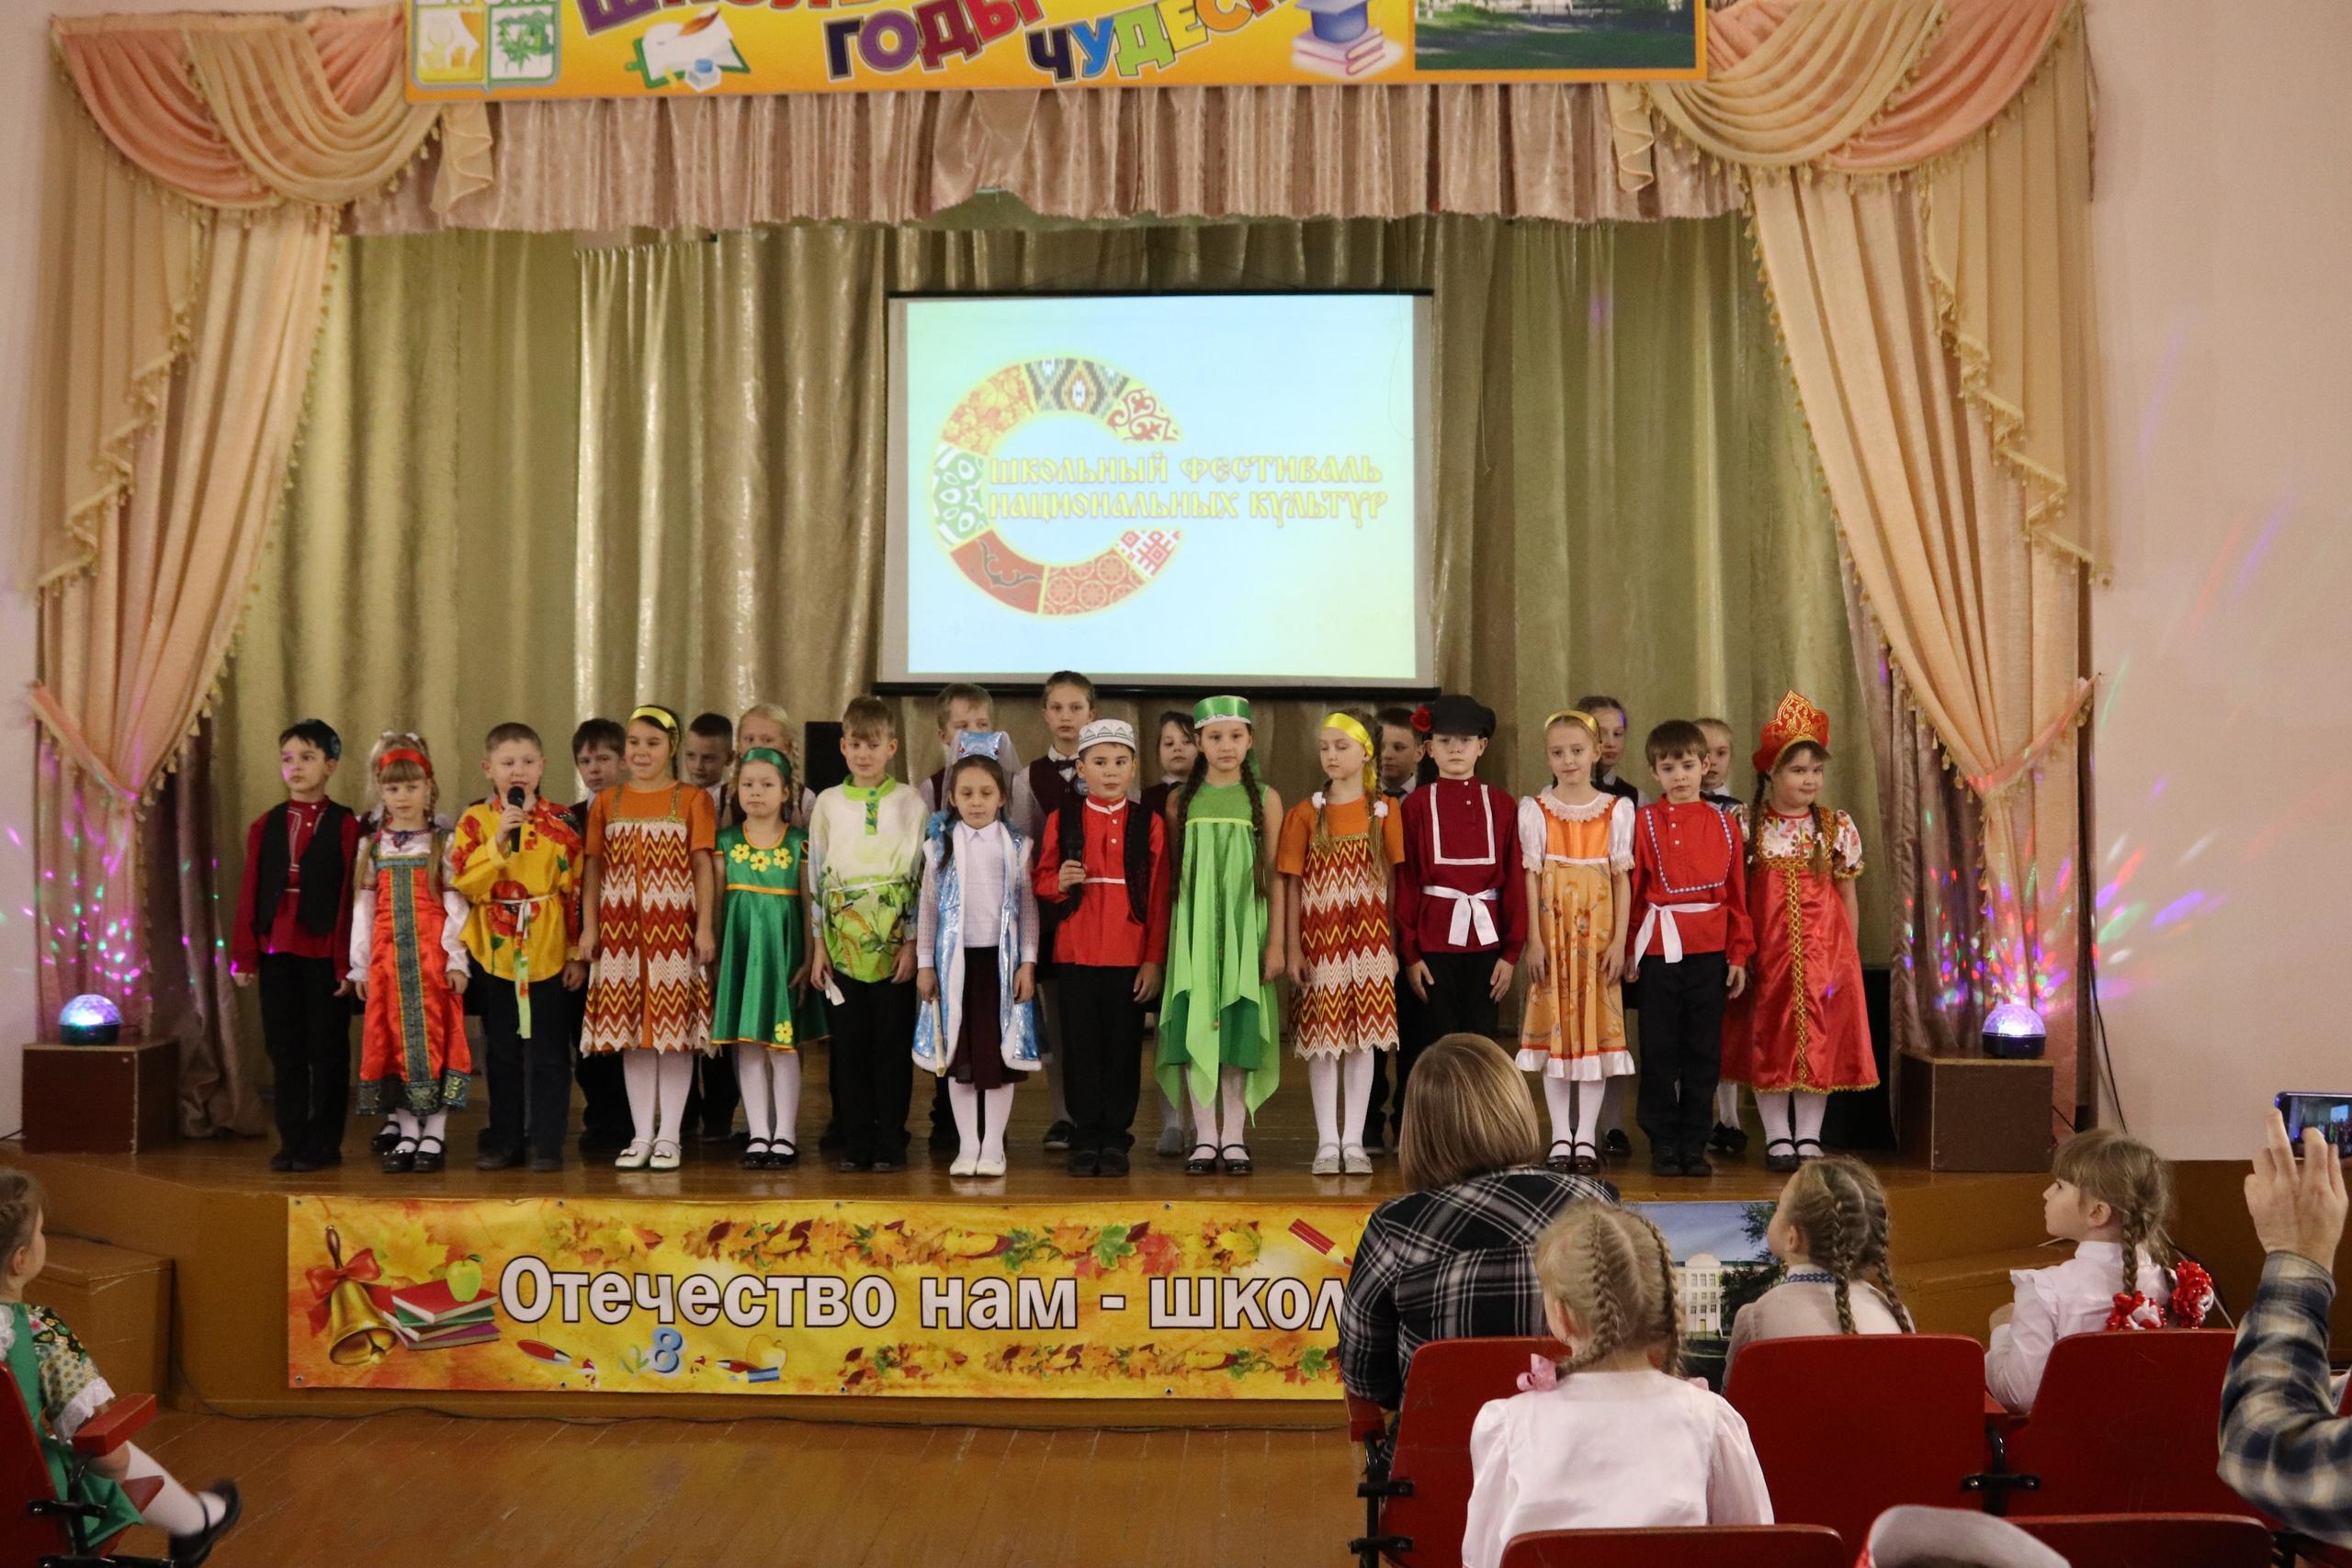 Школьный национальный фестиваль народных культур 2019